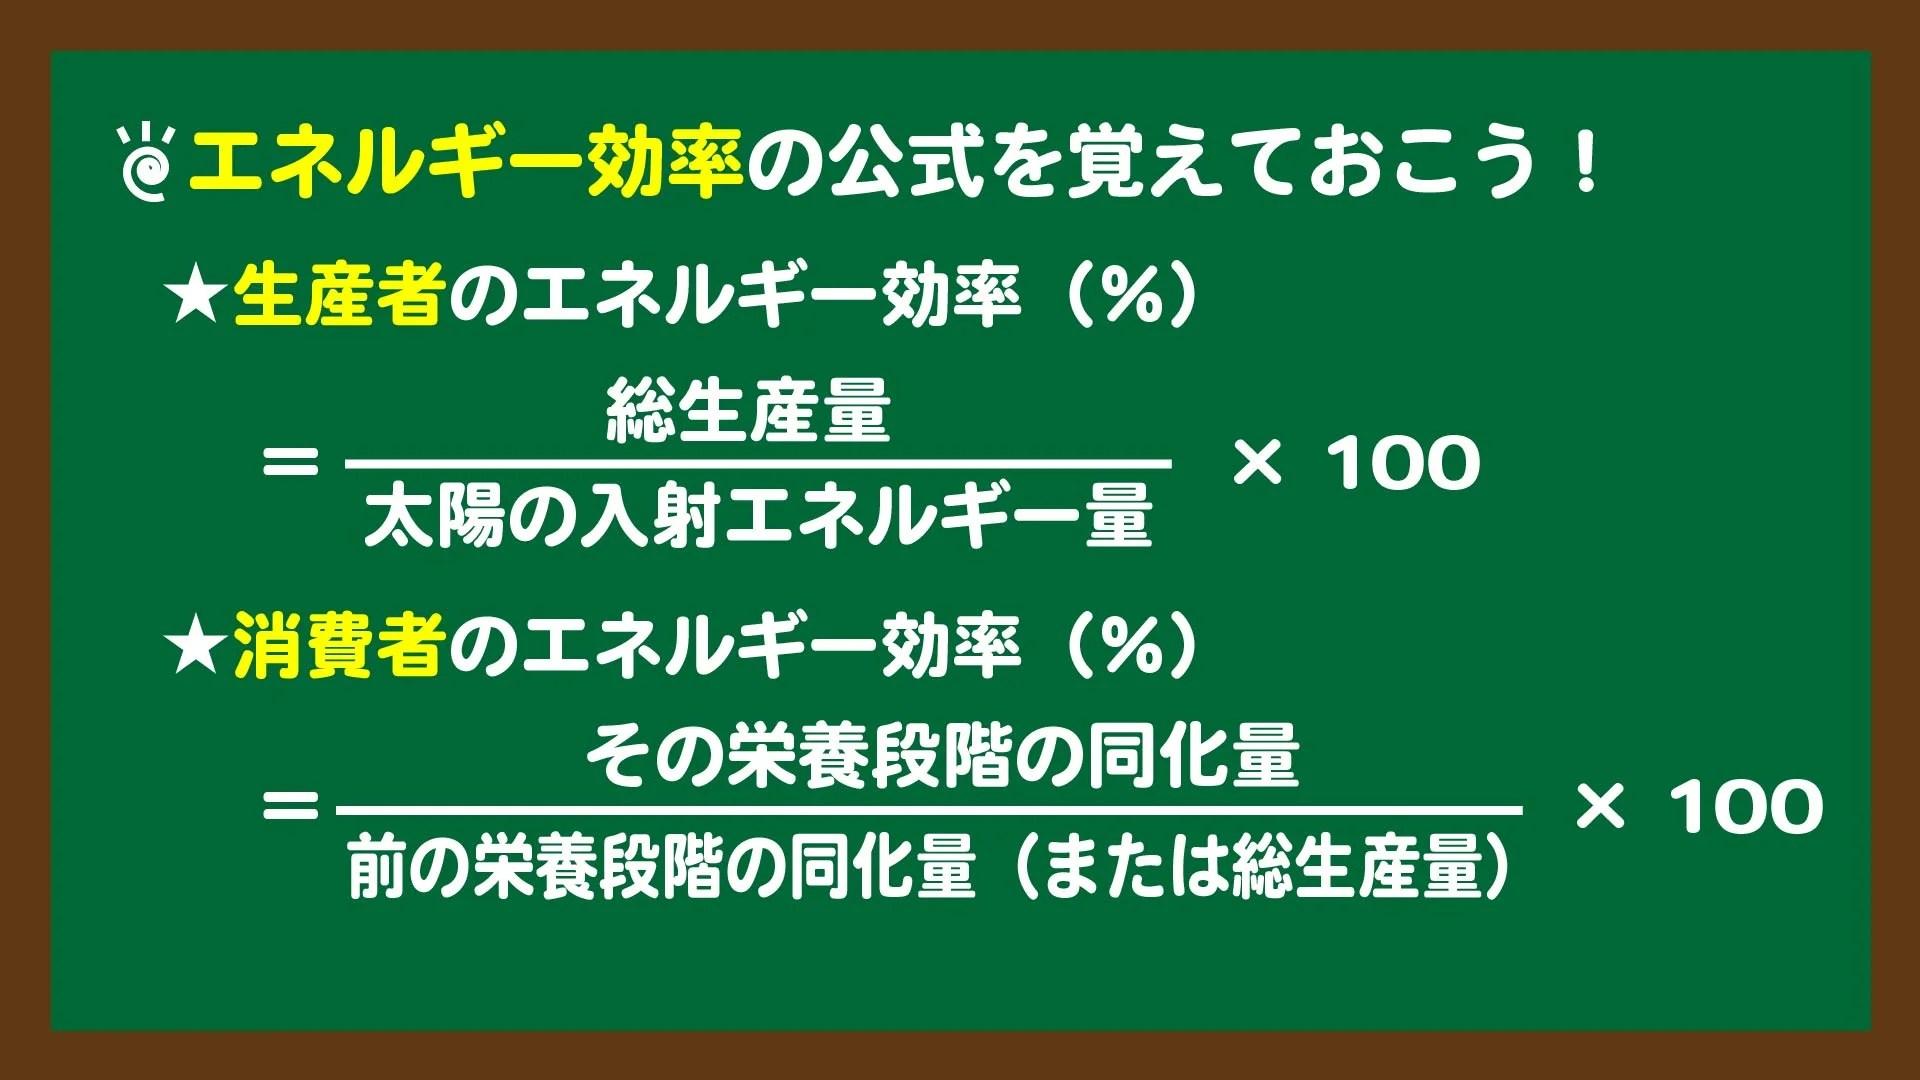 スライド9:エネルギー効率の公式